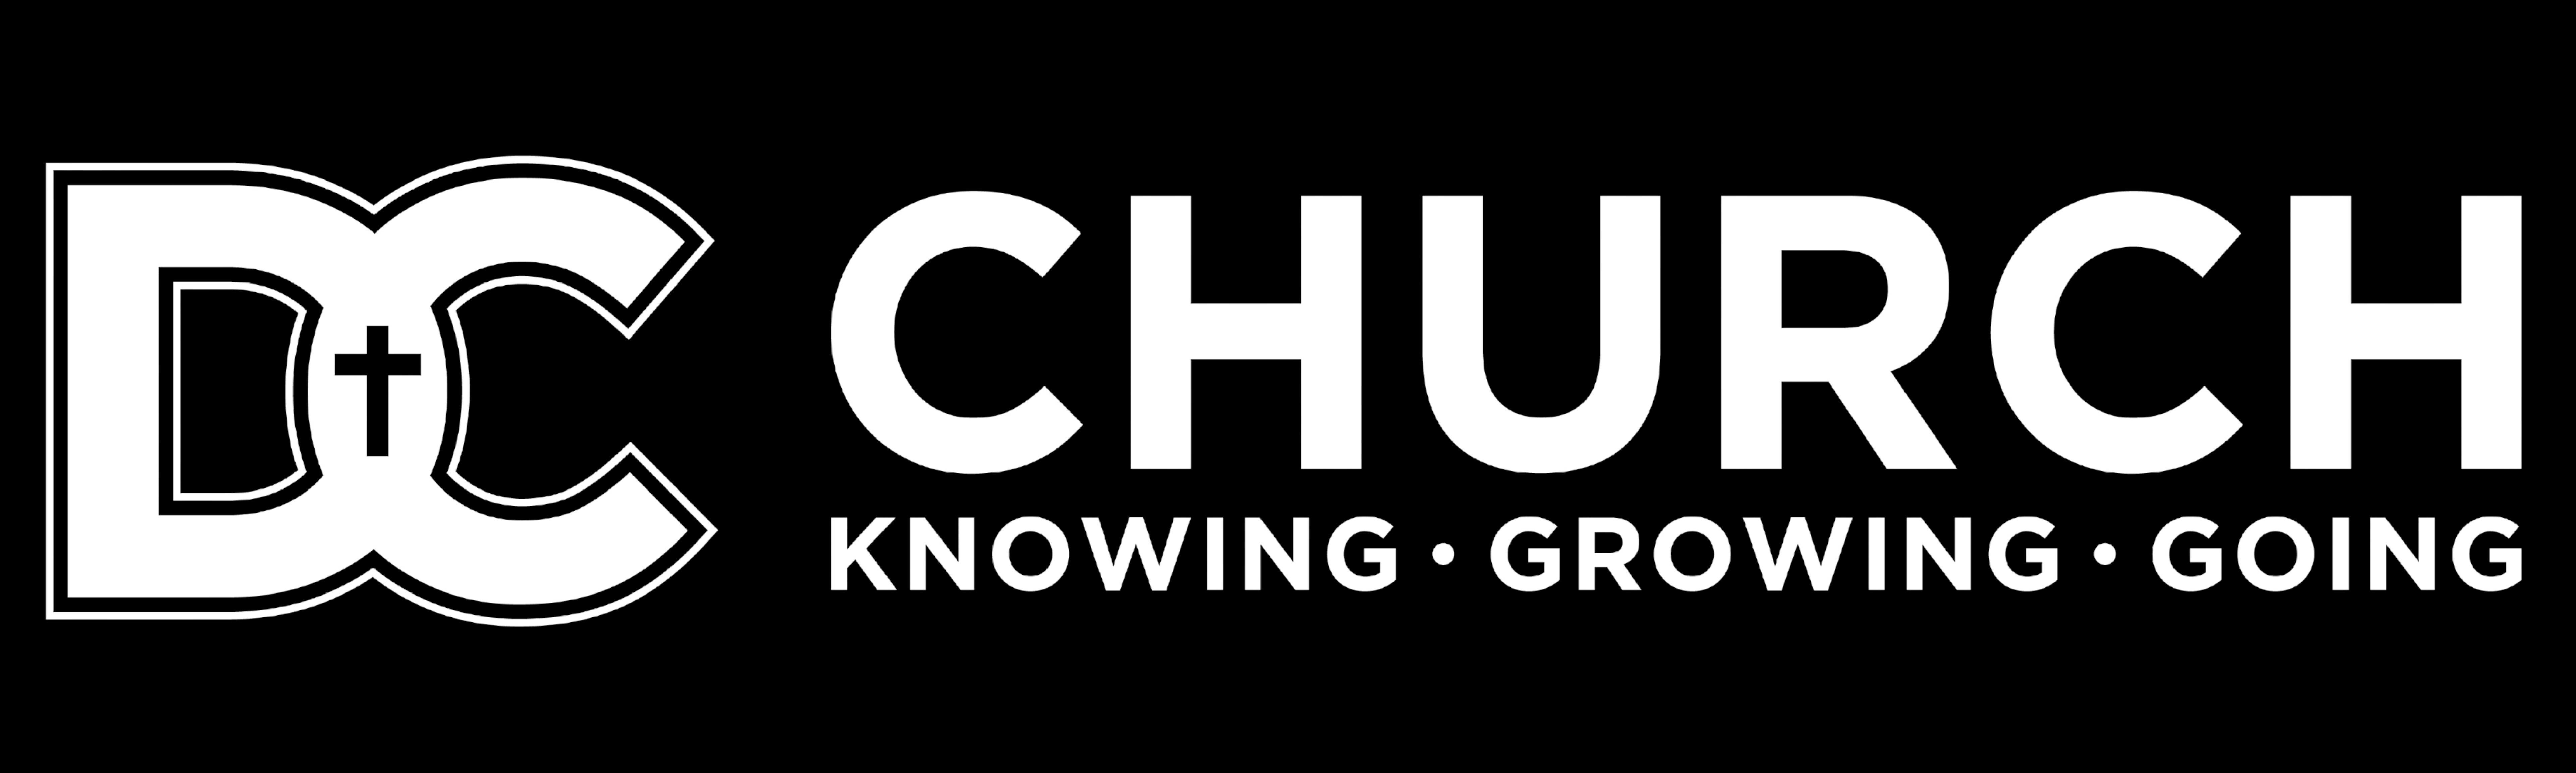 Destination Community Church Logo